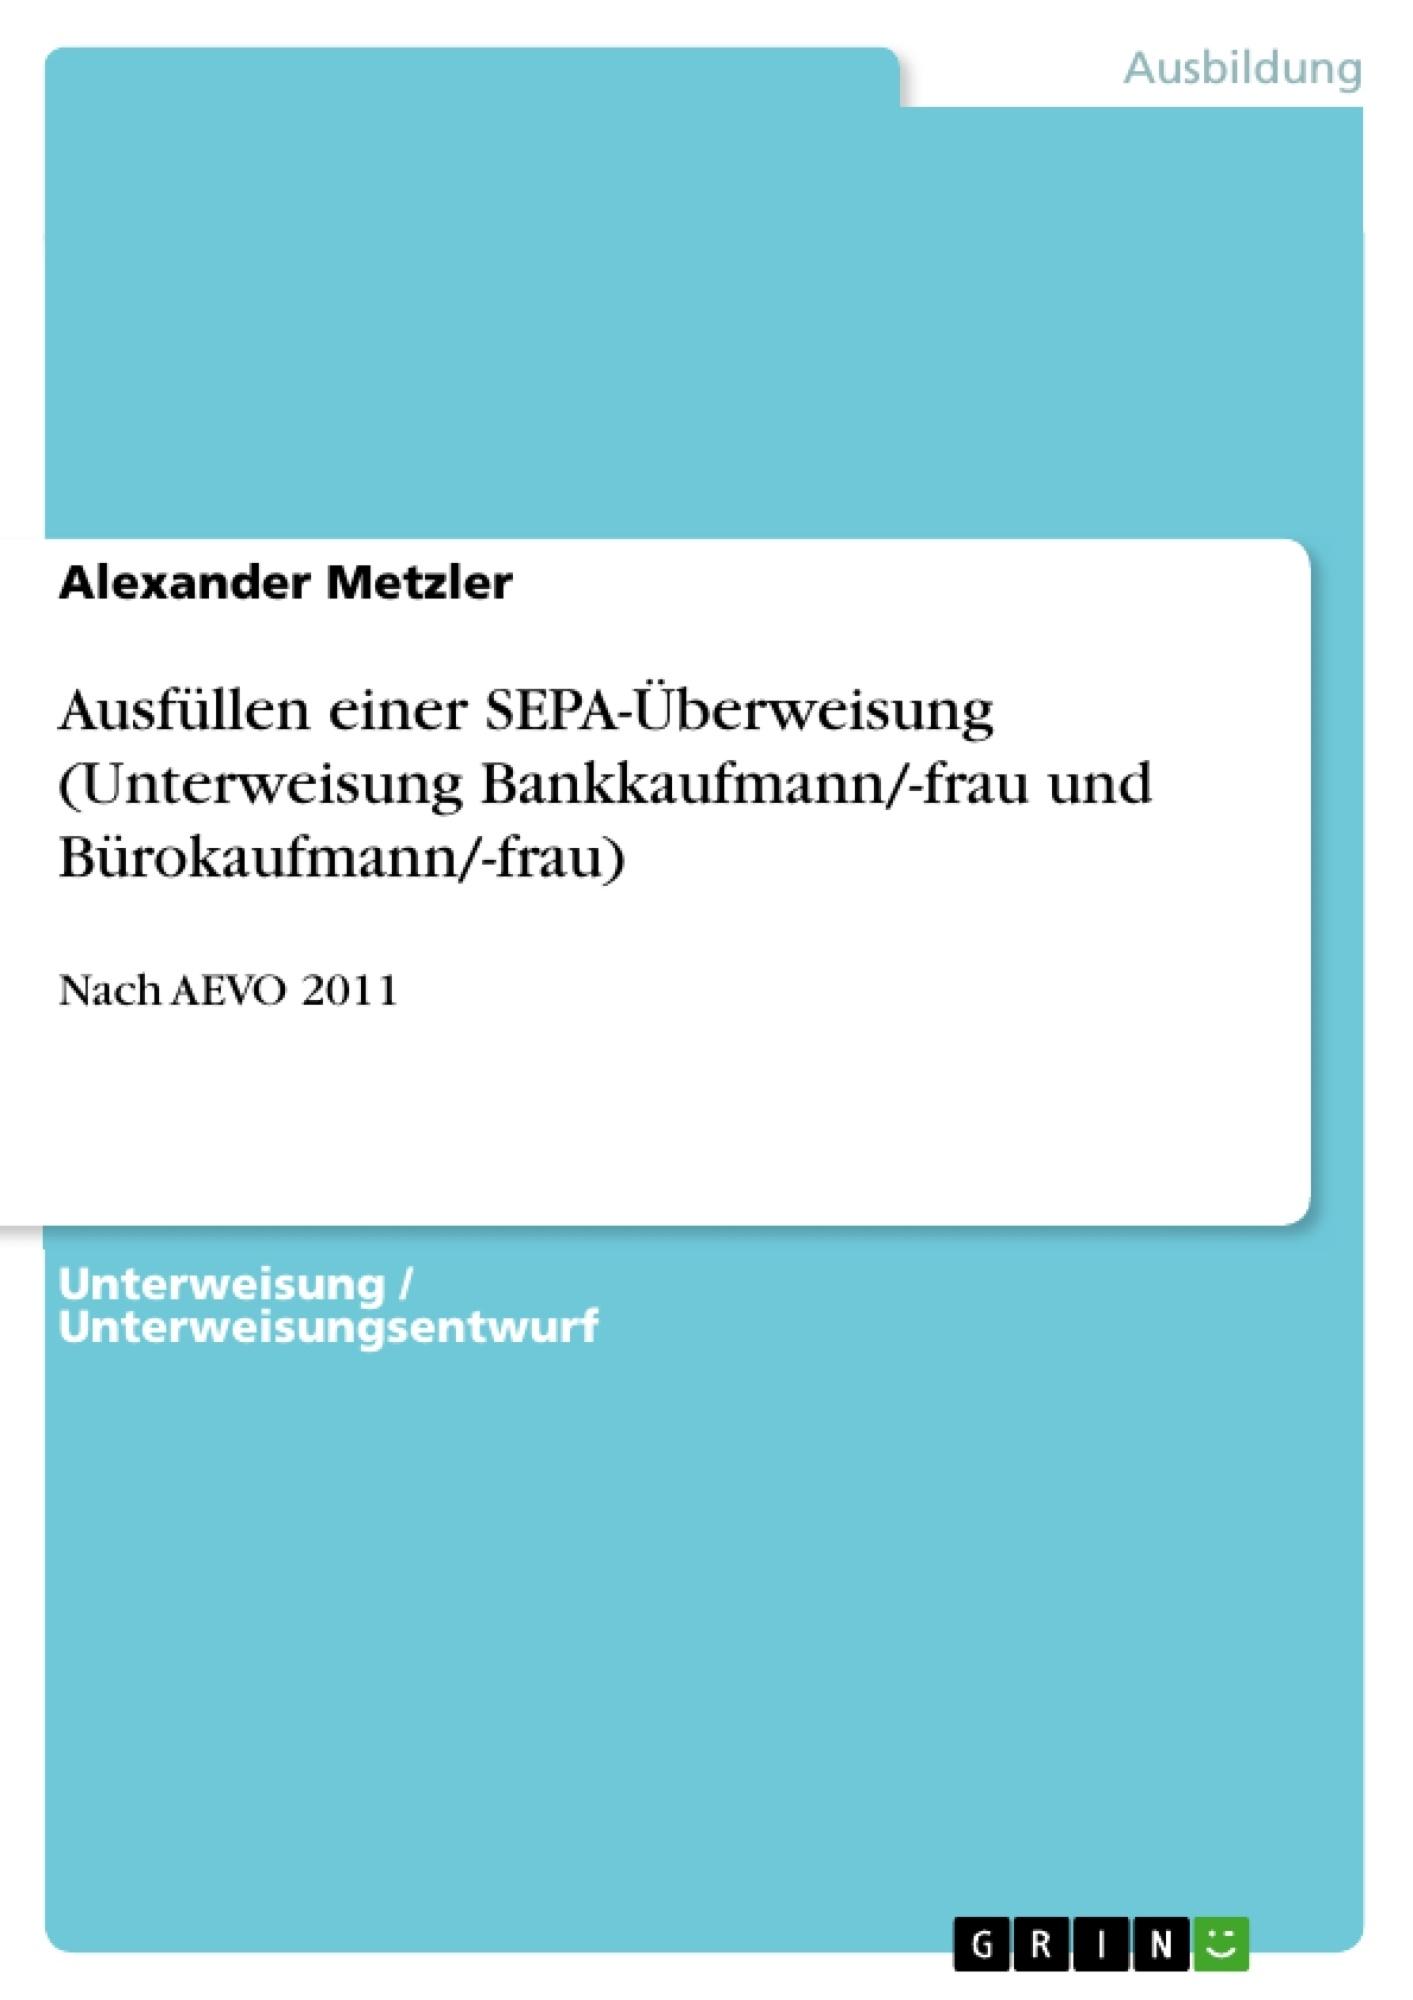 Titel: Ausfüllen einer SEPA-Überweisung (Unterweisung Bankkaufmann/-frau und Bürokaufmann/-frau)